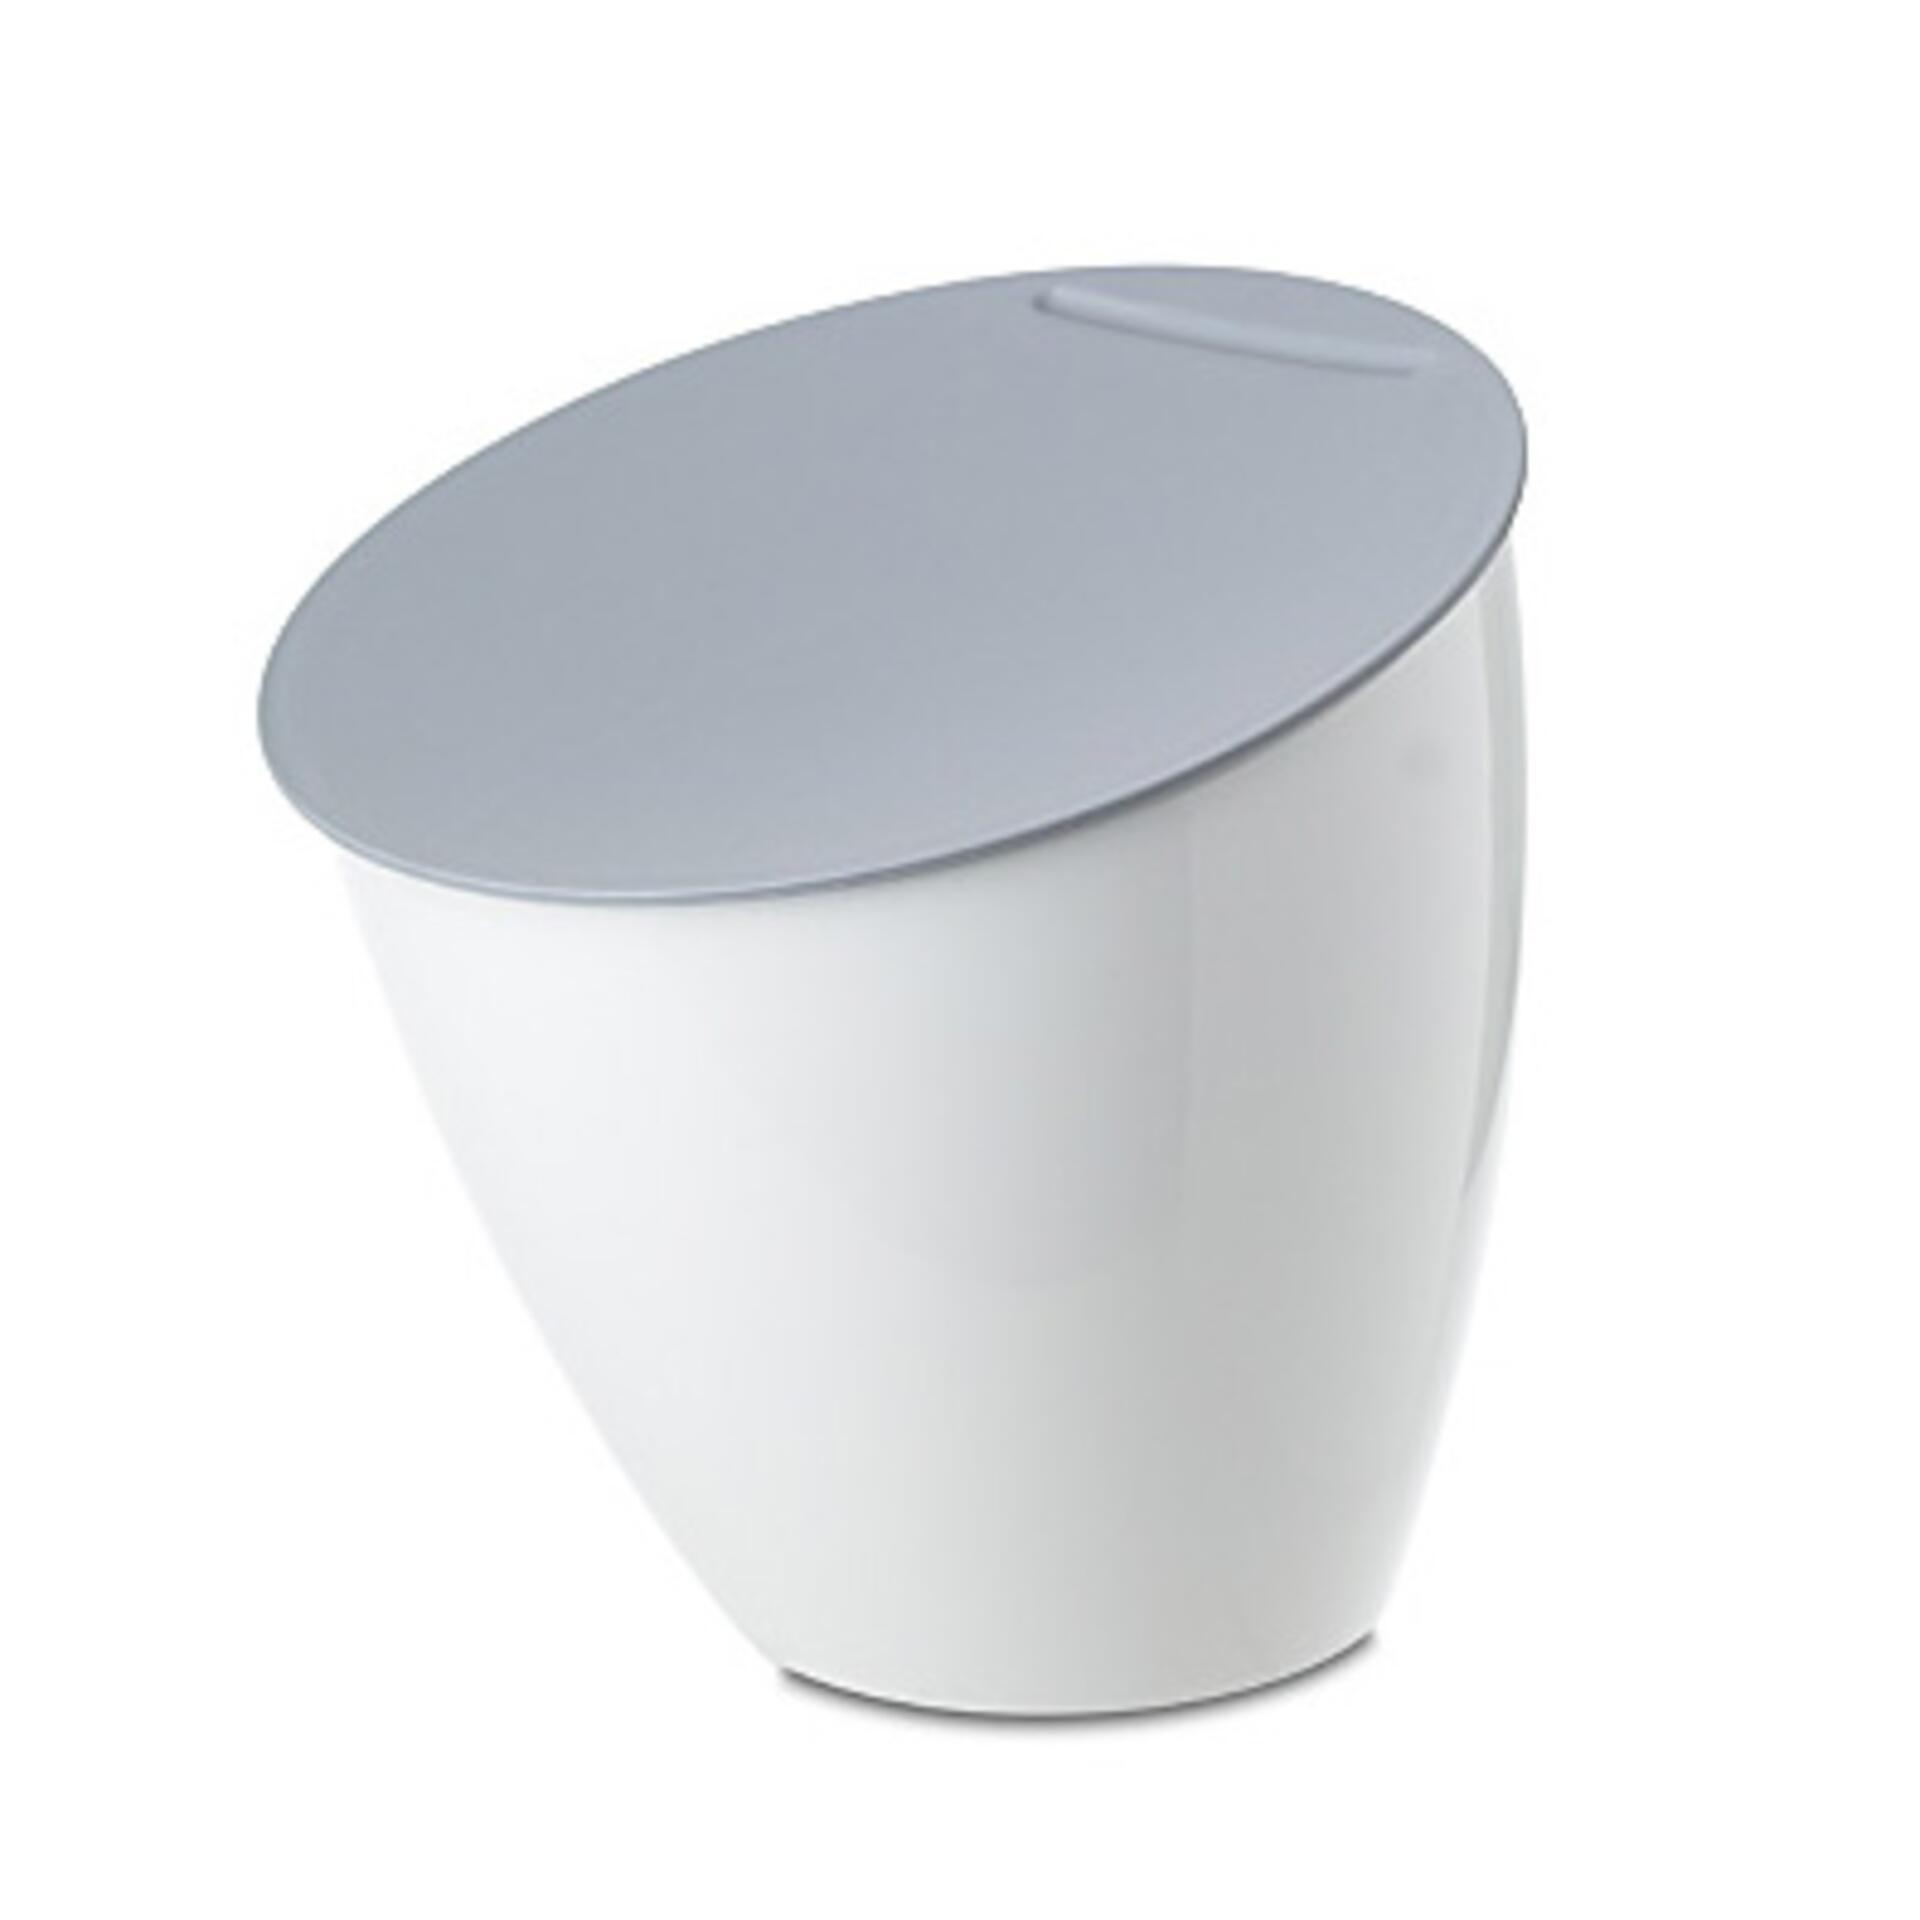 Rosti Mepal Tischmülleimer Calypso Weiß